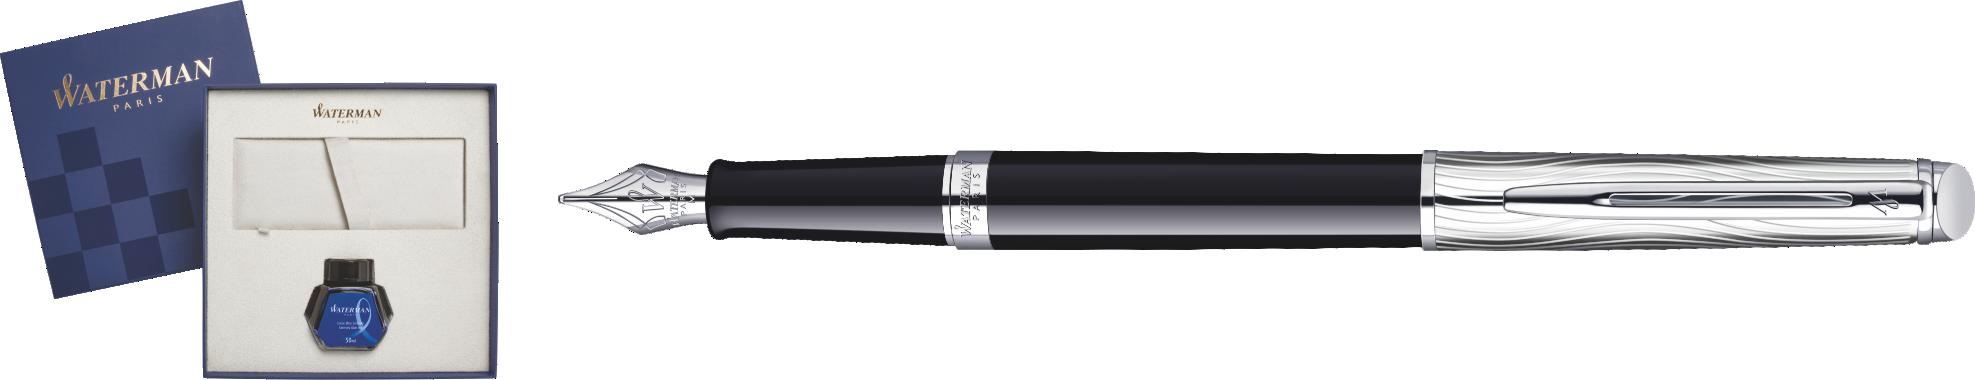 S0921090bottle Waterman Hemisphere Подарочный набор: перьевая ручка  Deluxe, Black CT и чернила, blue